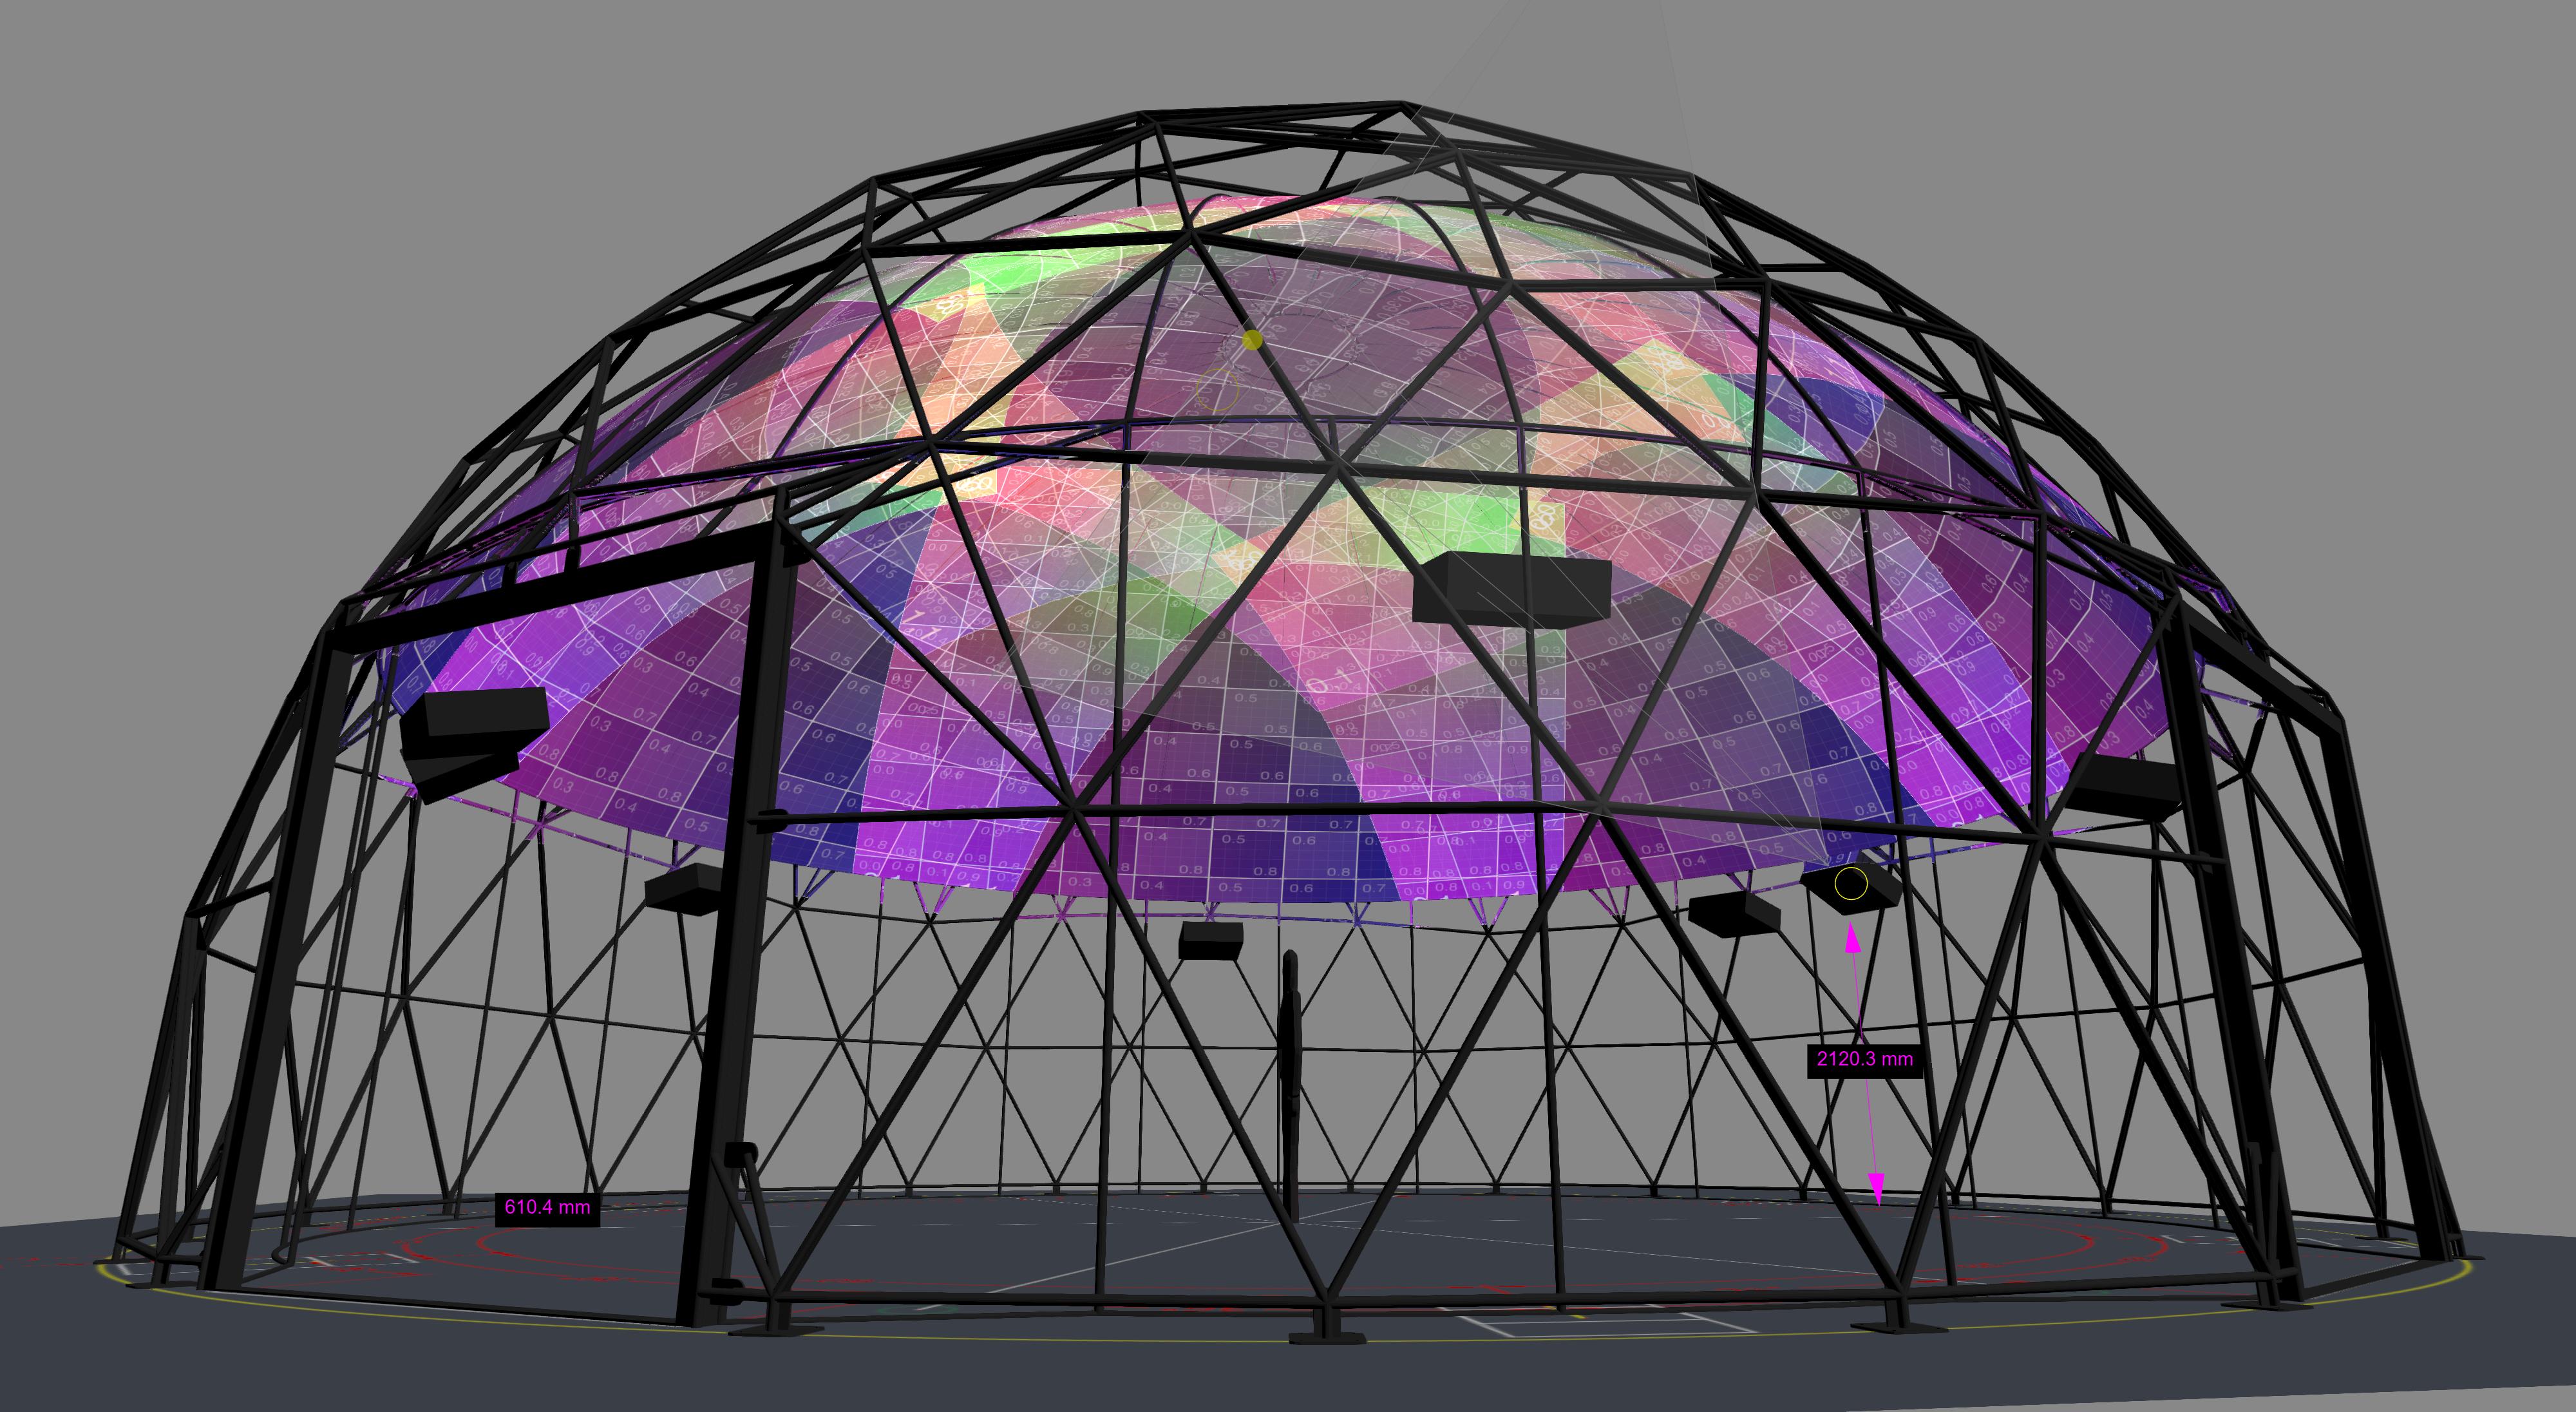 Solotech_Kamouraska_Dome_3.png